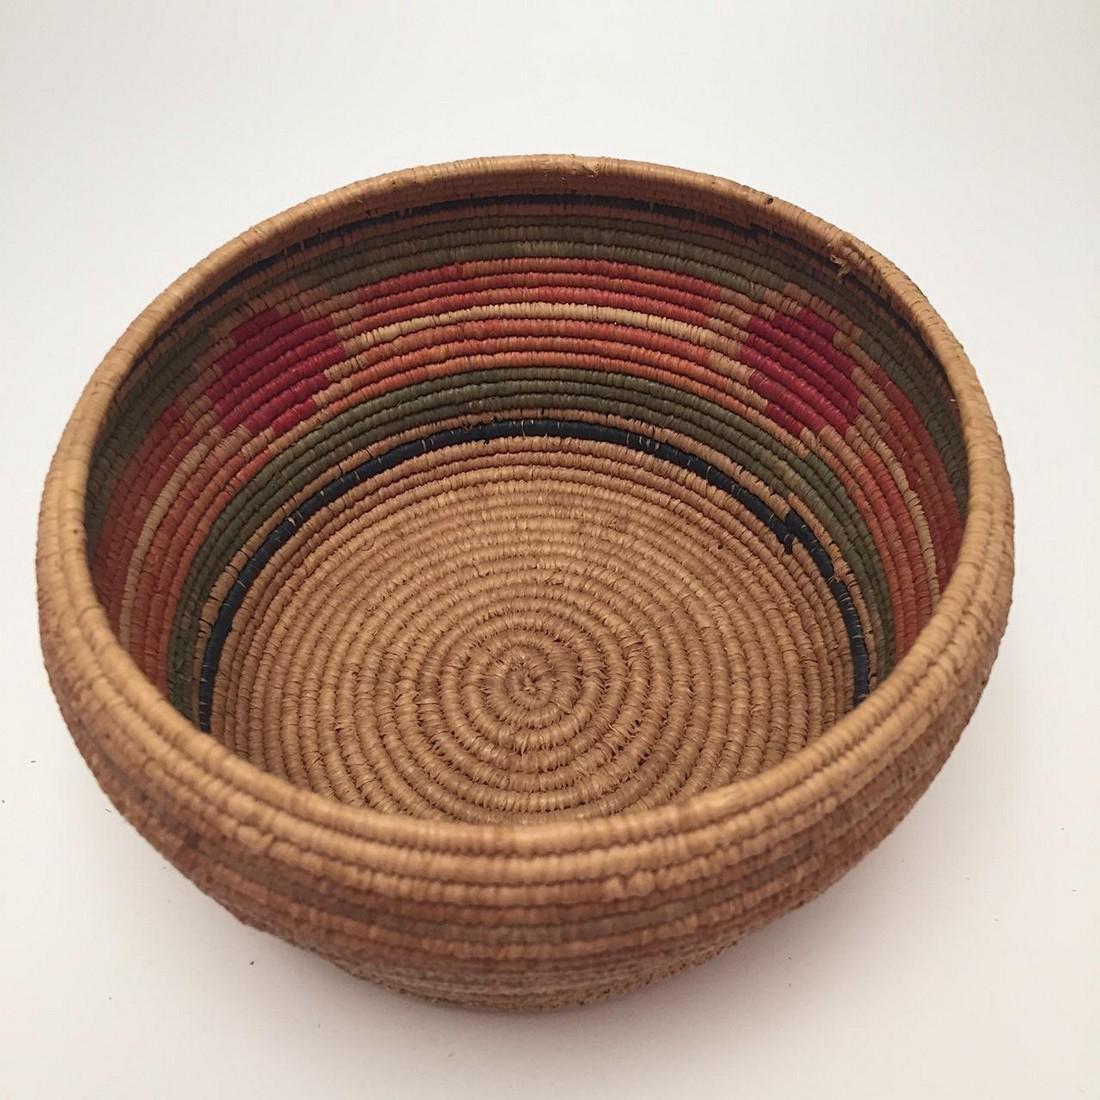 Northwest Coast Salish Lidded Coiled Basket - 7